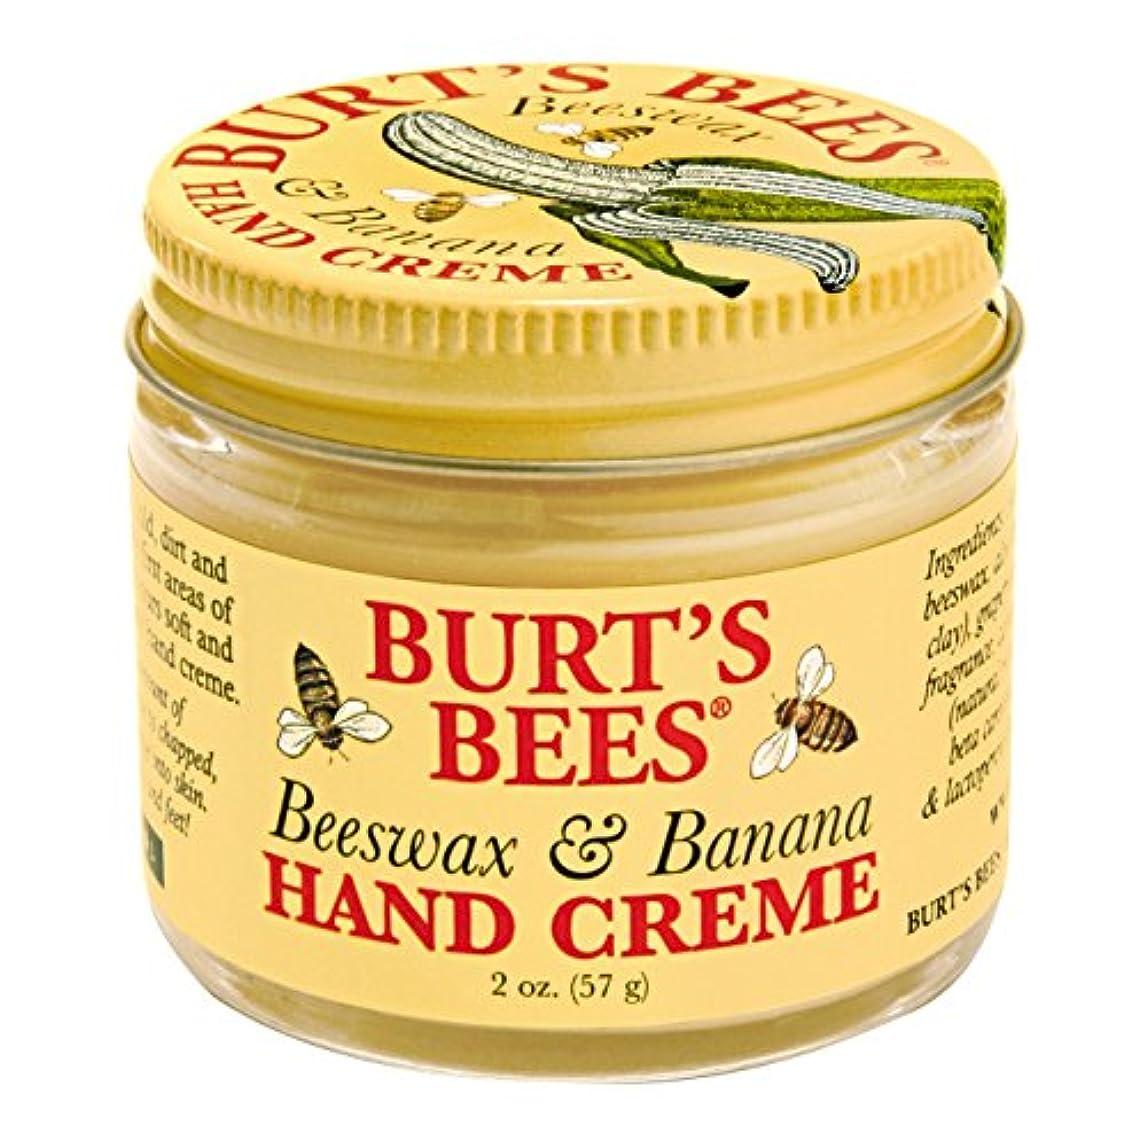 冷酷な一目邪魔バーツビーの蜜蝋&バナナハンドクリーム57グラム (Burt's Bees) - Burt's Bees Beeswax & Banana Hand Creme 57g [並行輸入品]